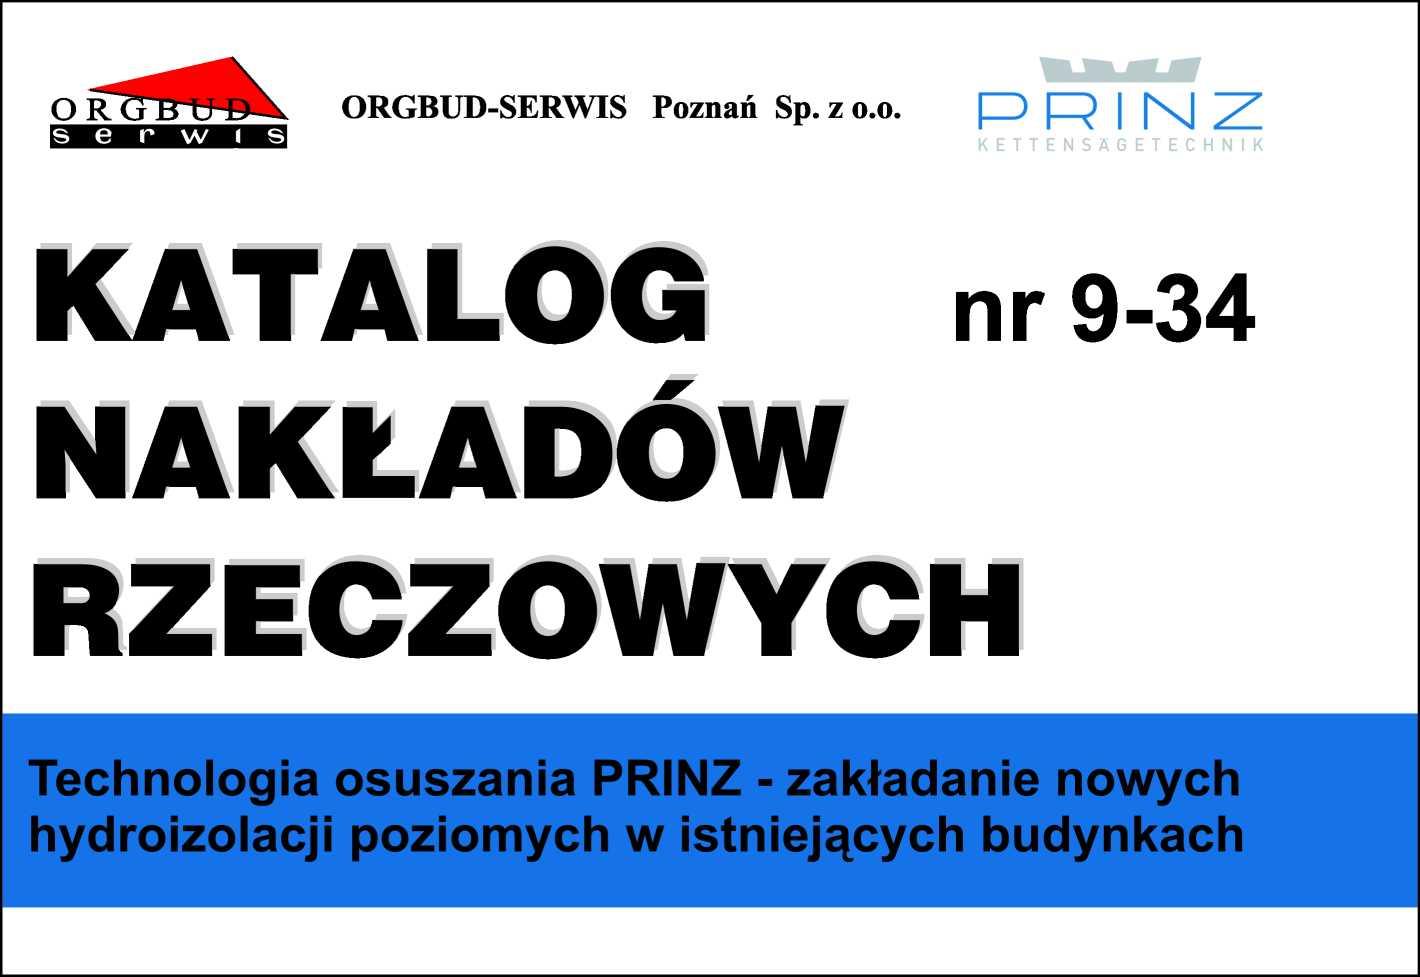 KNR 9-34 Technologia osuszania PRINZ - zakładanie nowych hydroizolacji poziomych w istniejących budynkach